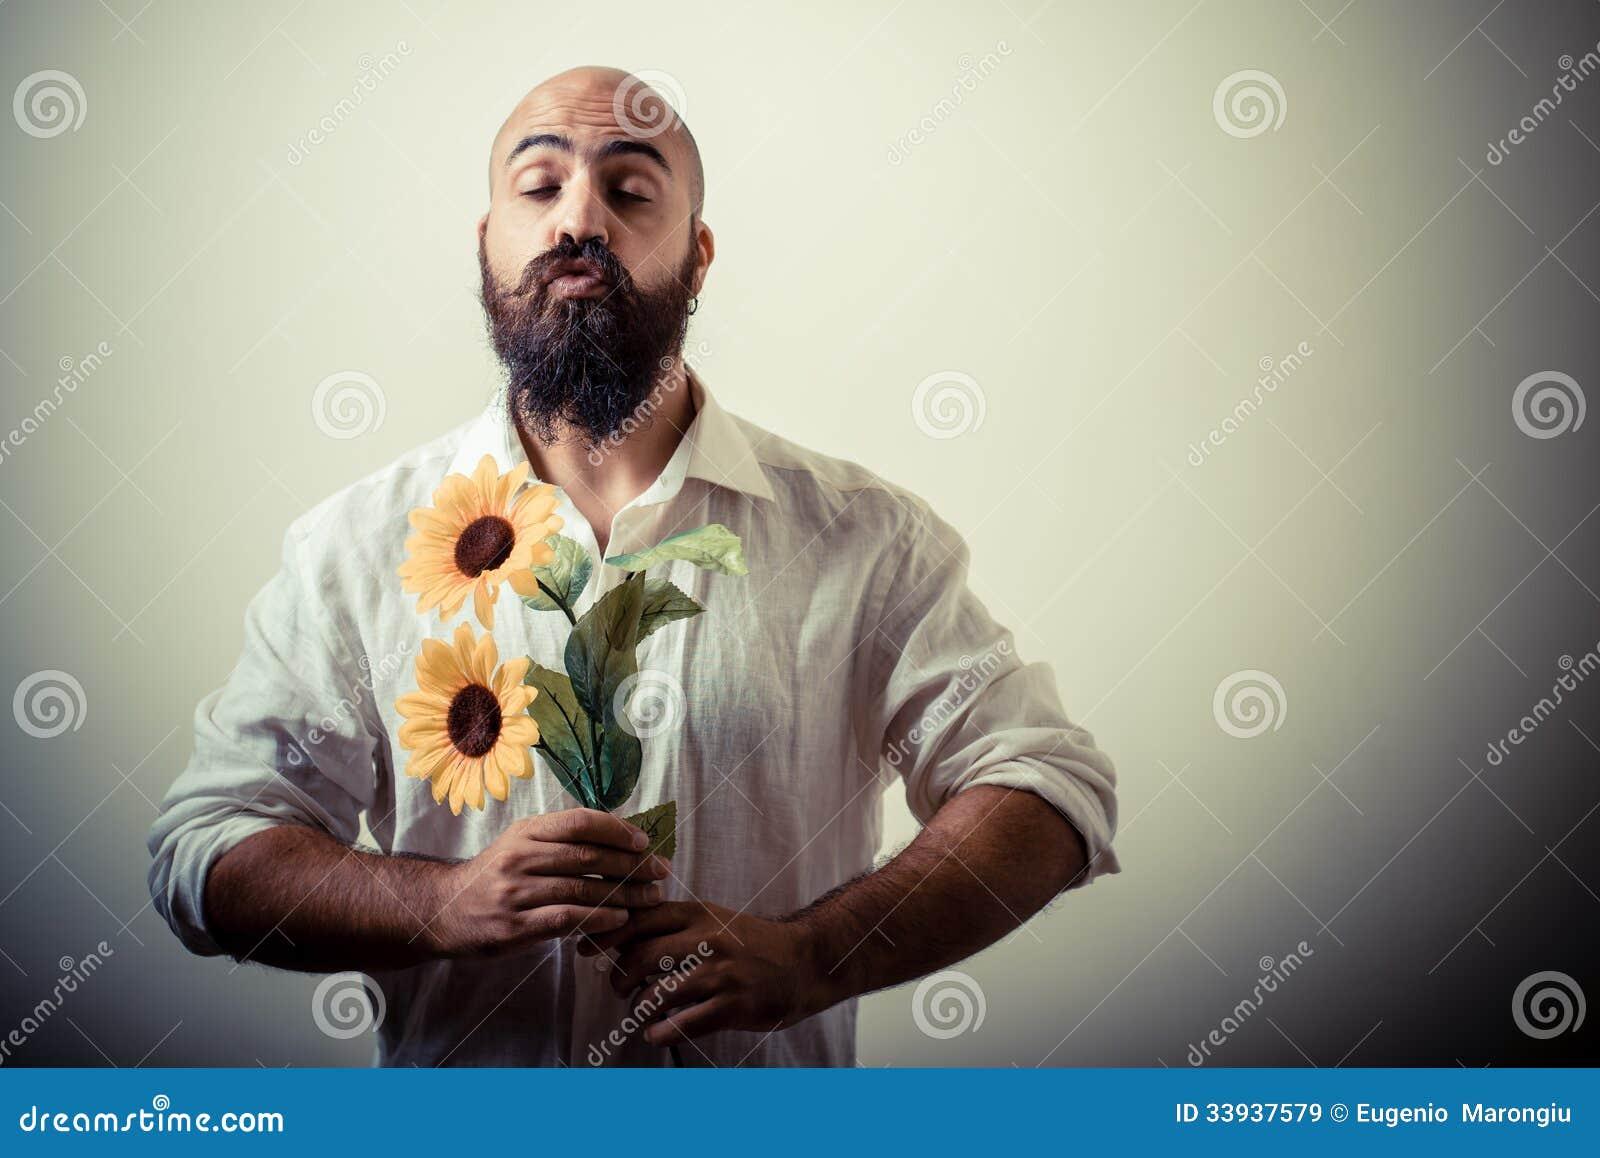 Langer Bart Und Schnurrbartmann Der Blumen Gibt Stockbild Bild